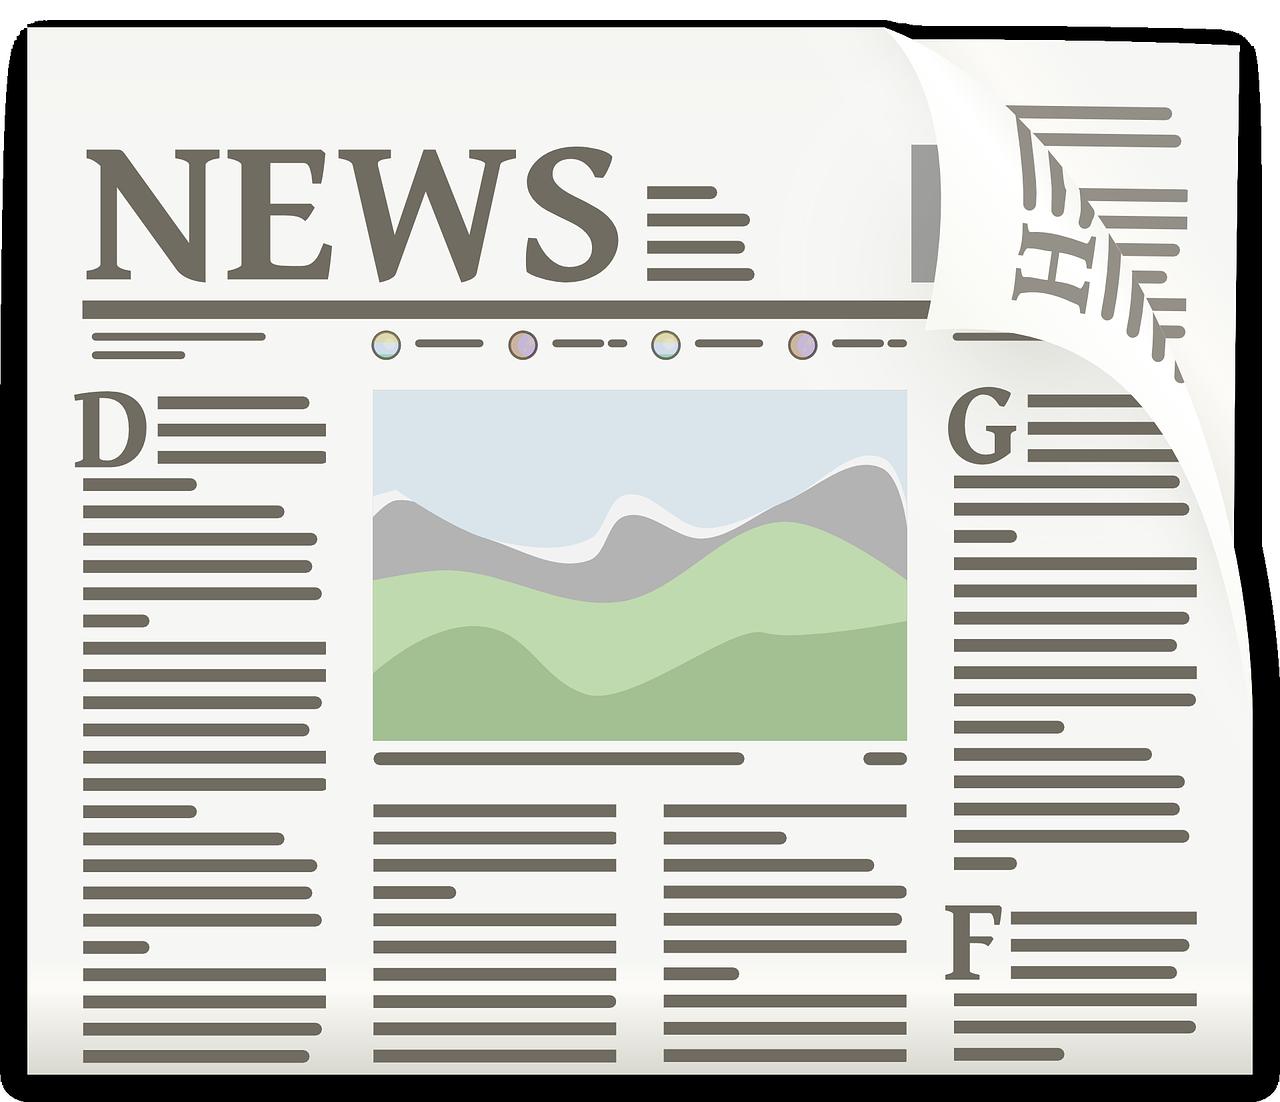 ロンドンの2大日本語情報誌、ジャーニーとニュースダイジェストを比較してみた